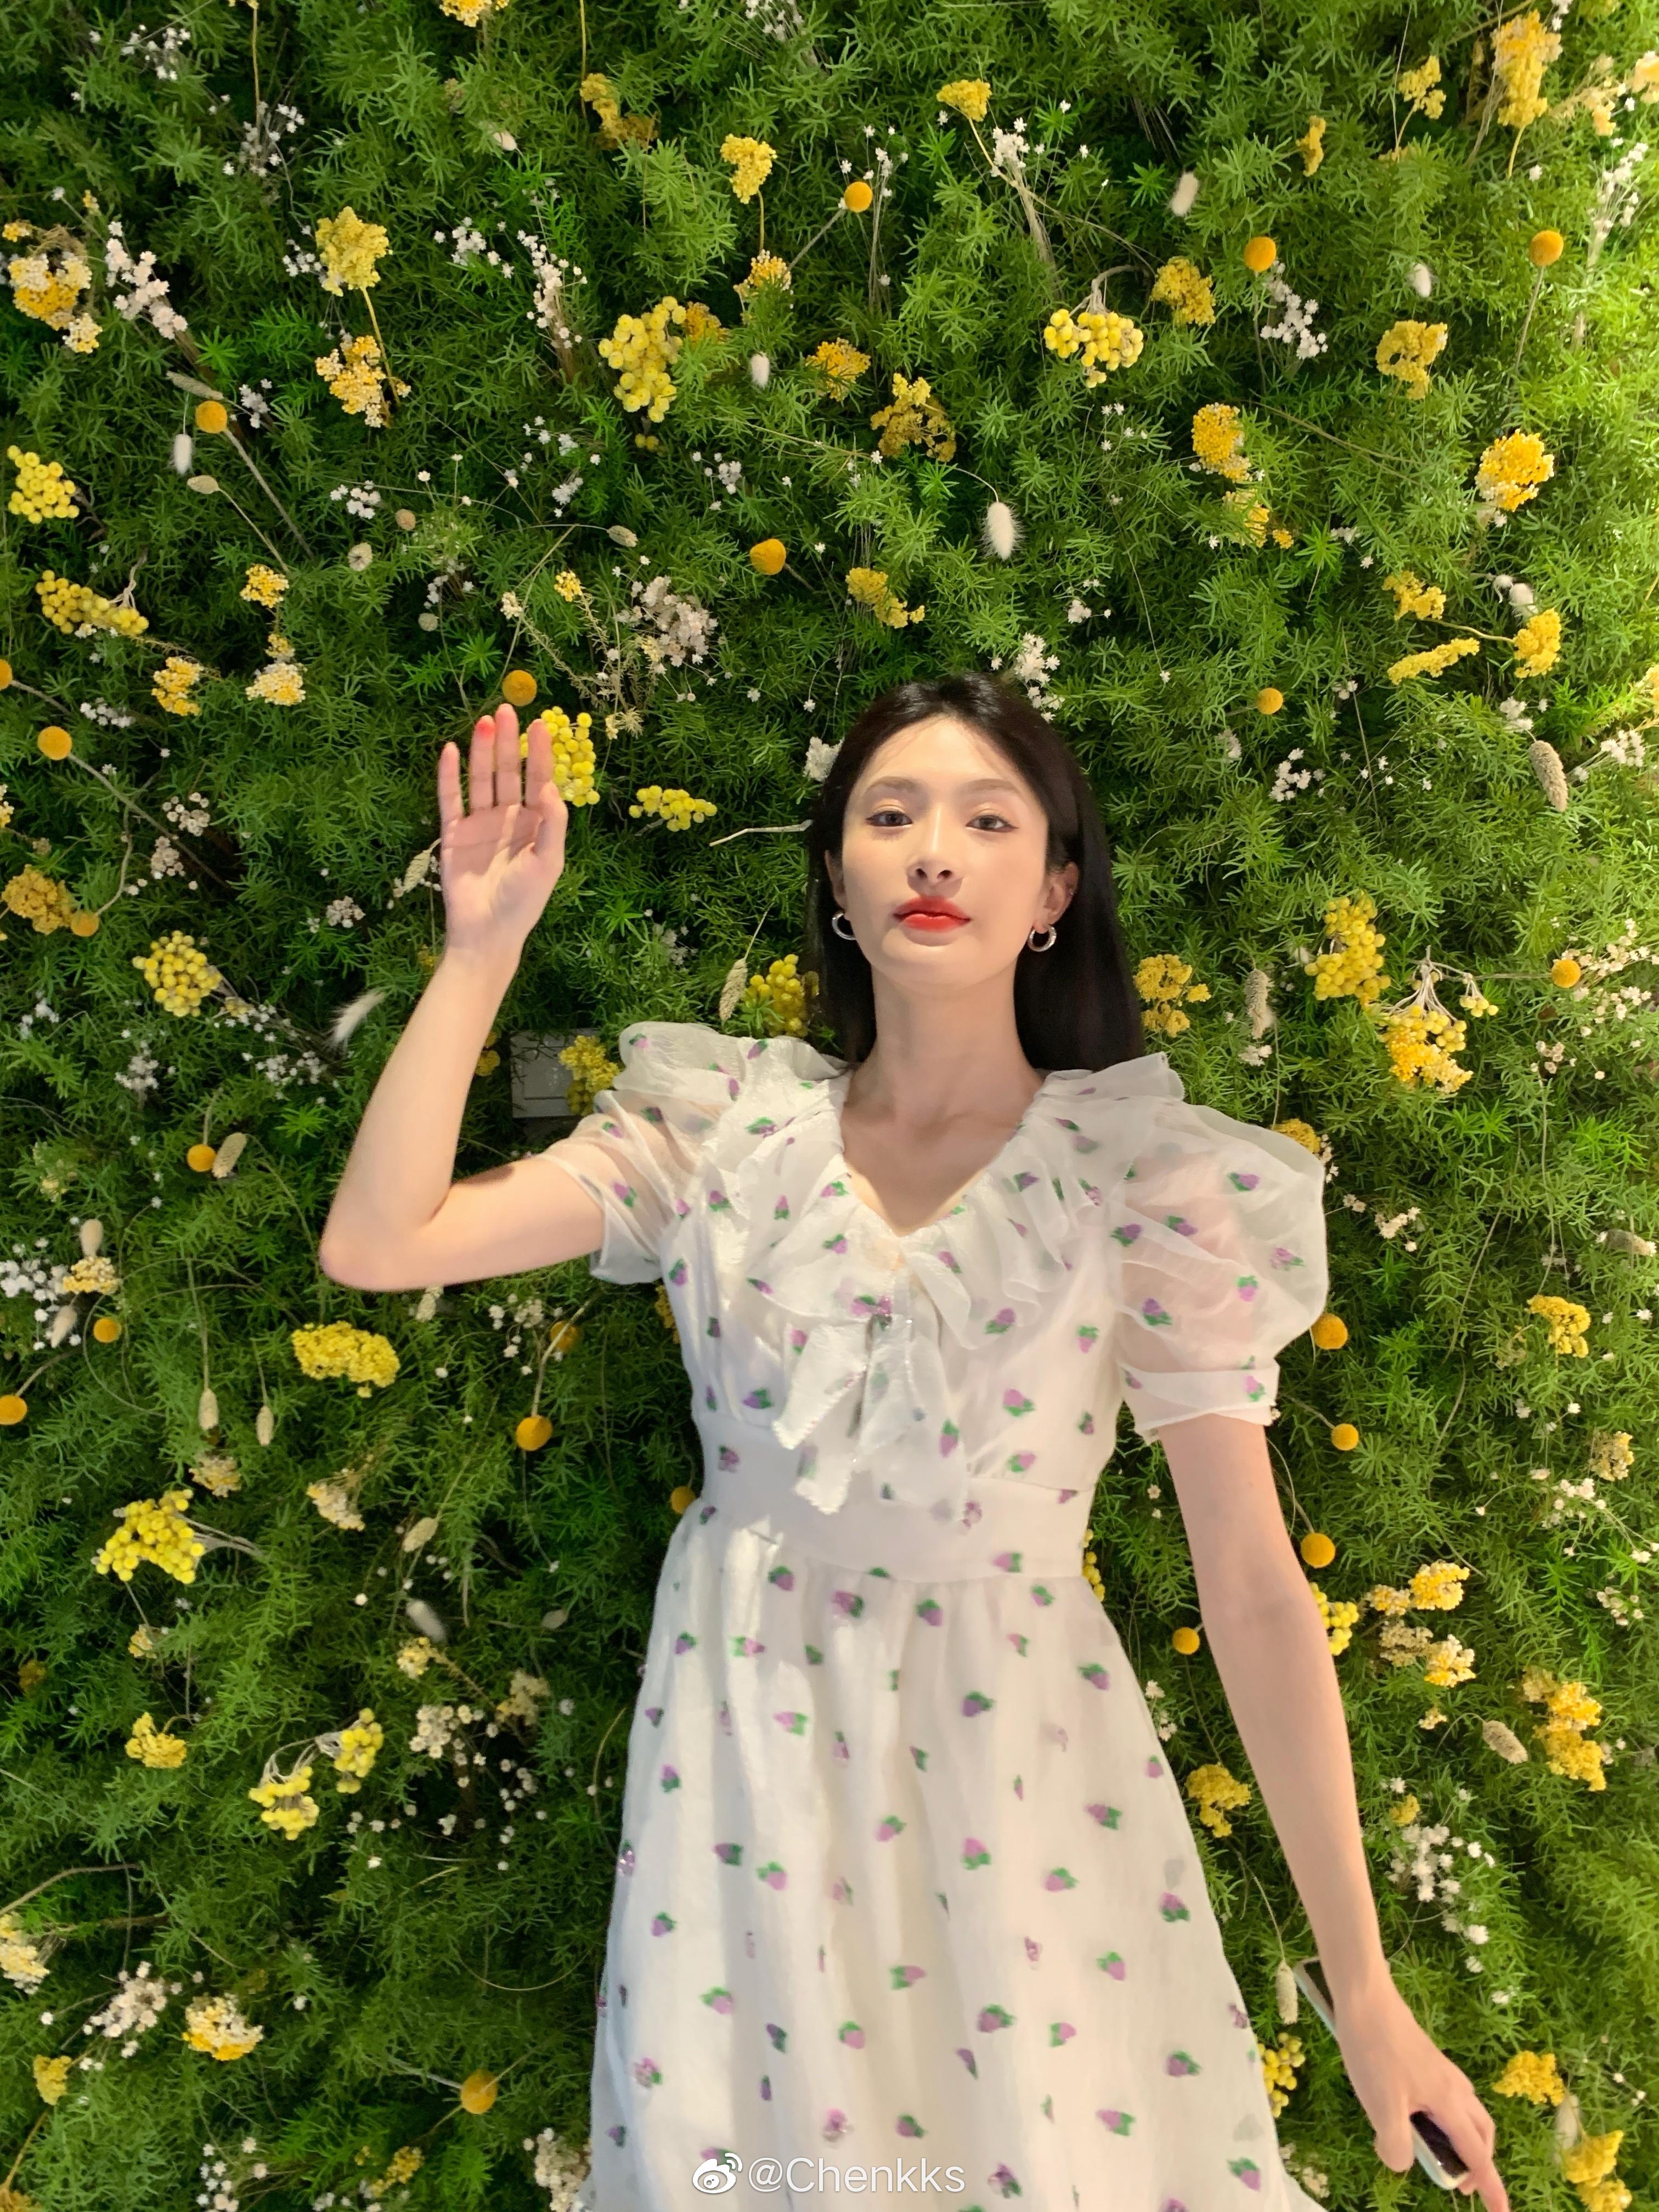 公主日记前几天去上海啦!感谢娇兰邀请美女